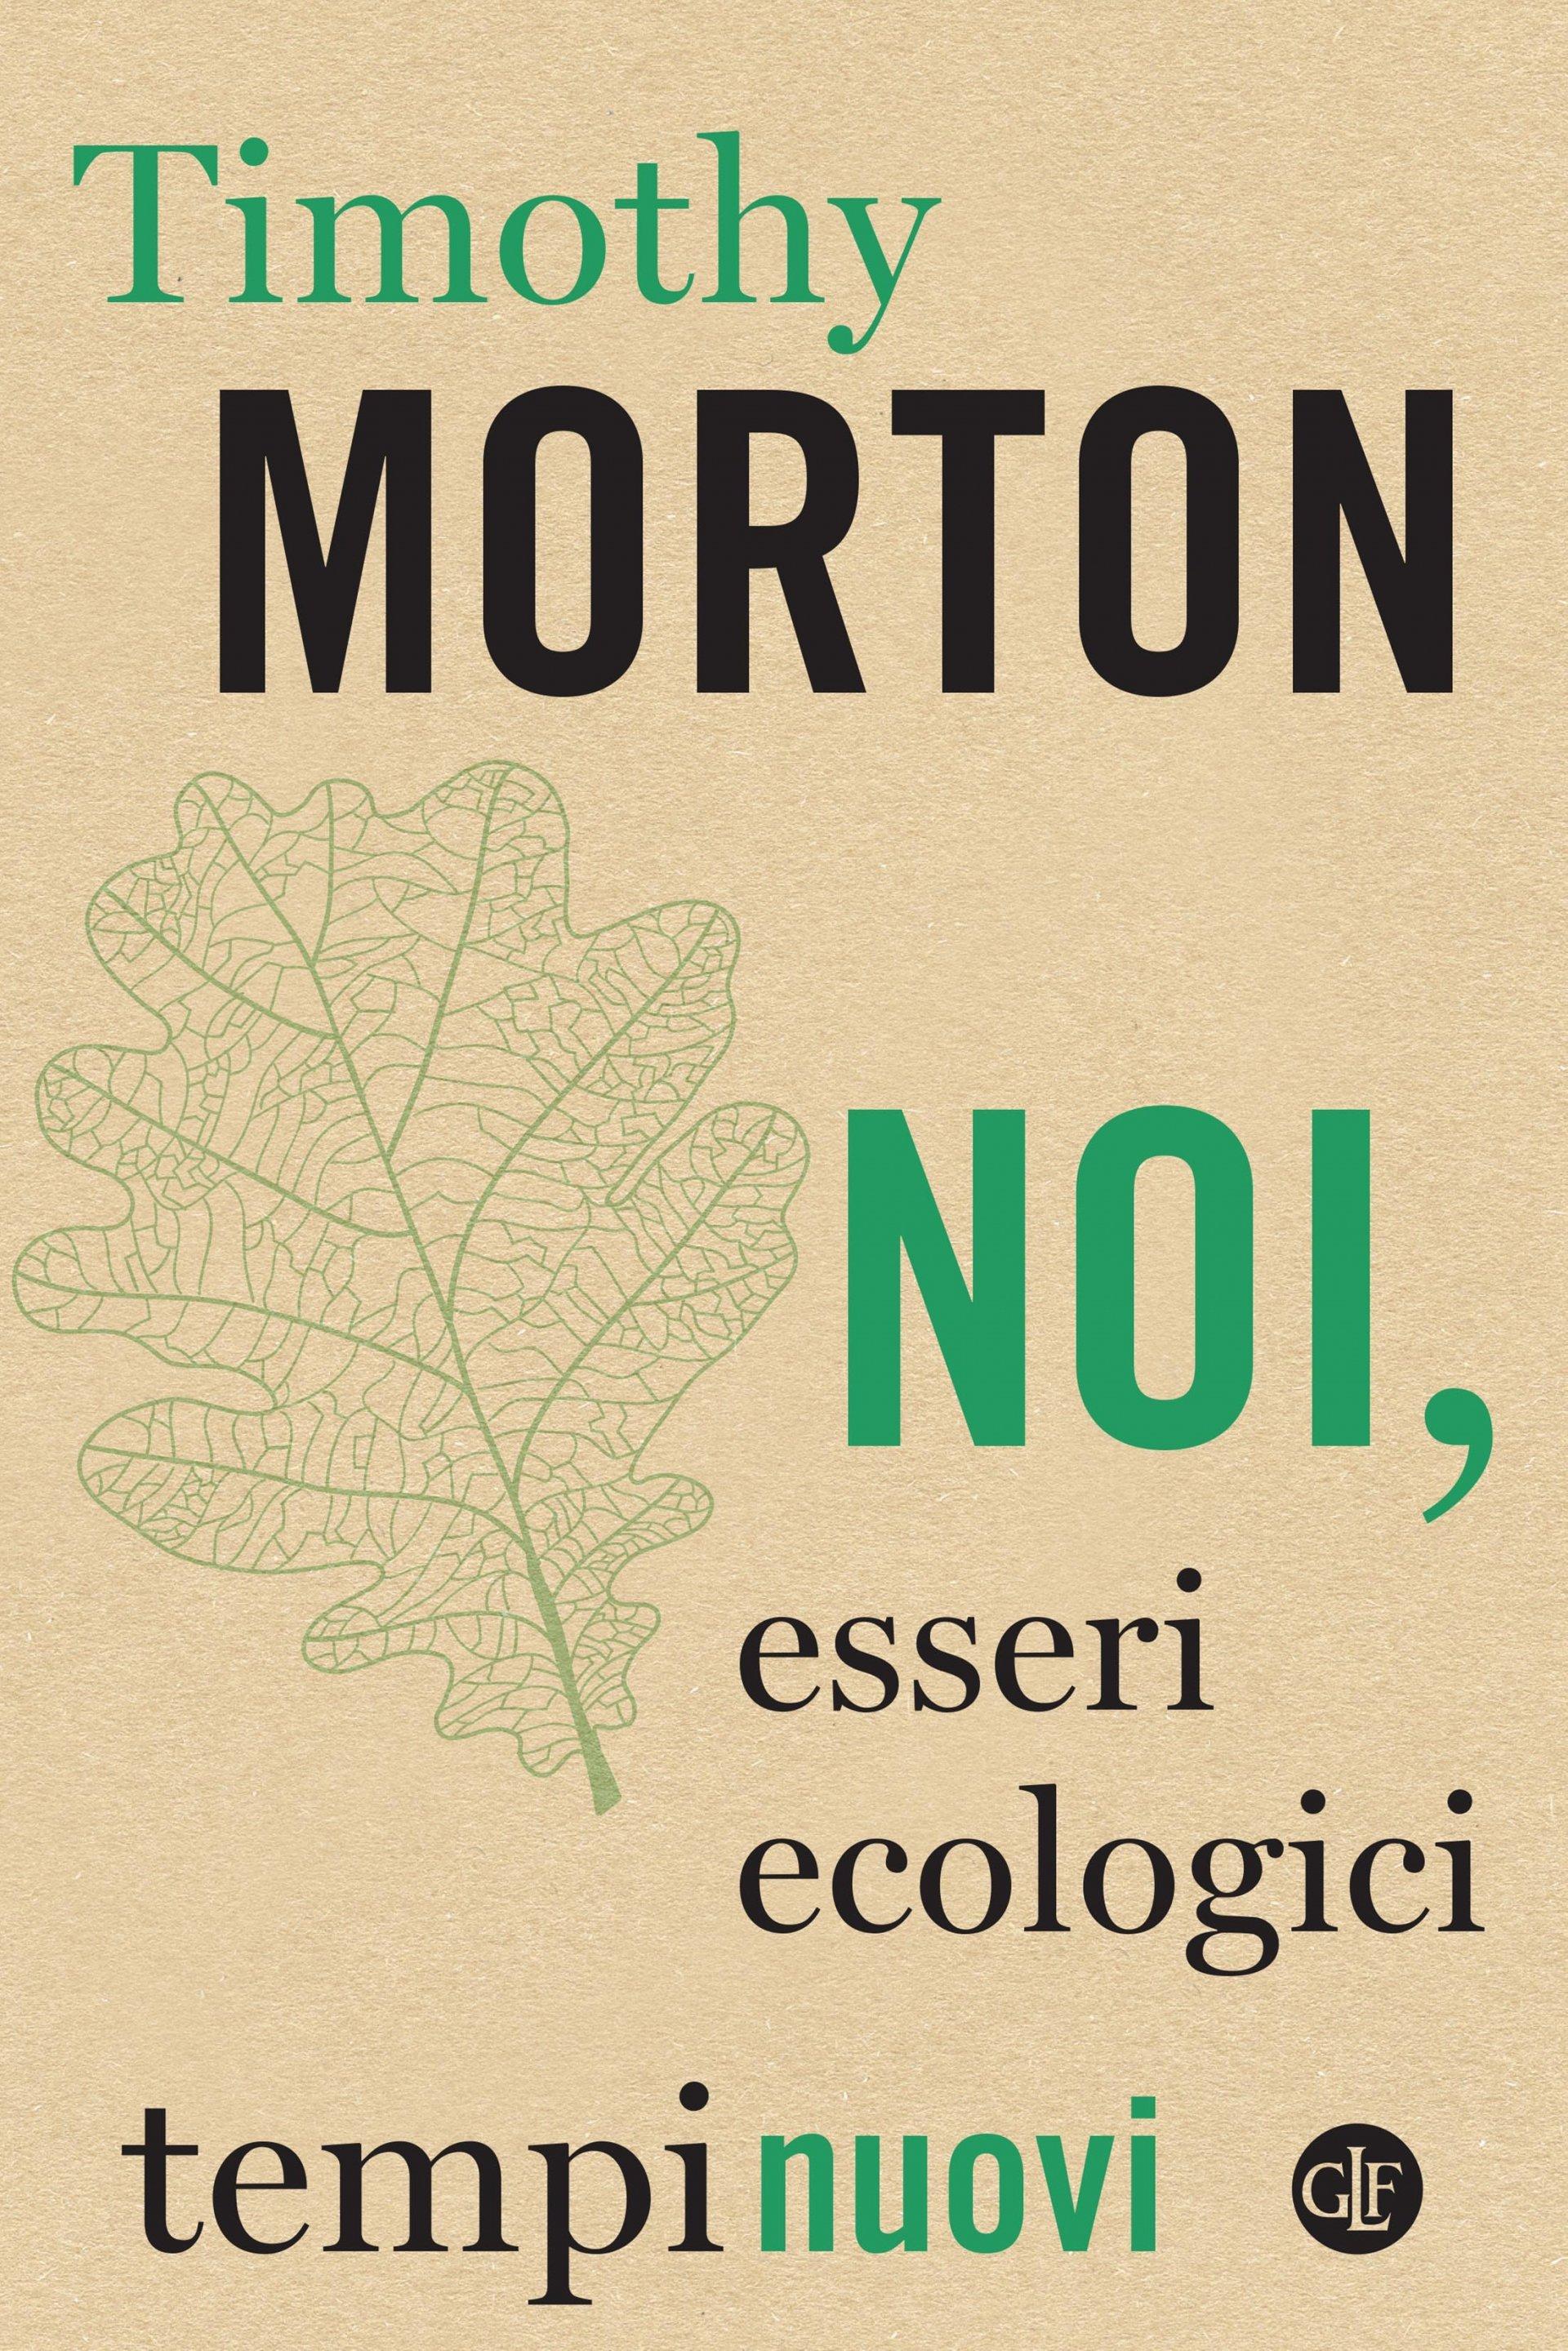 Invito alla lettura: Noi, esseri ecologici, di Timothy Morton per le edizioni Laterza